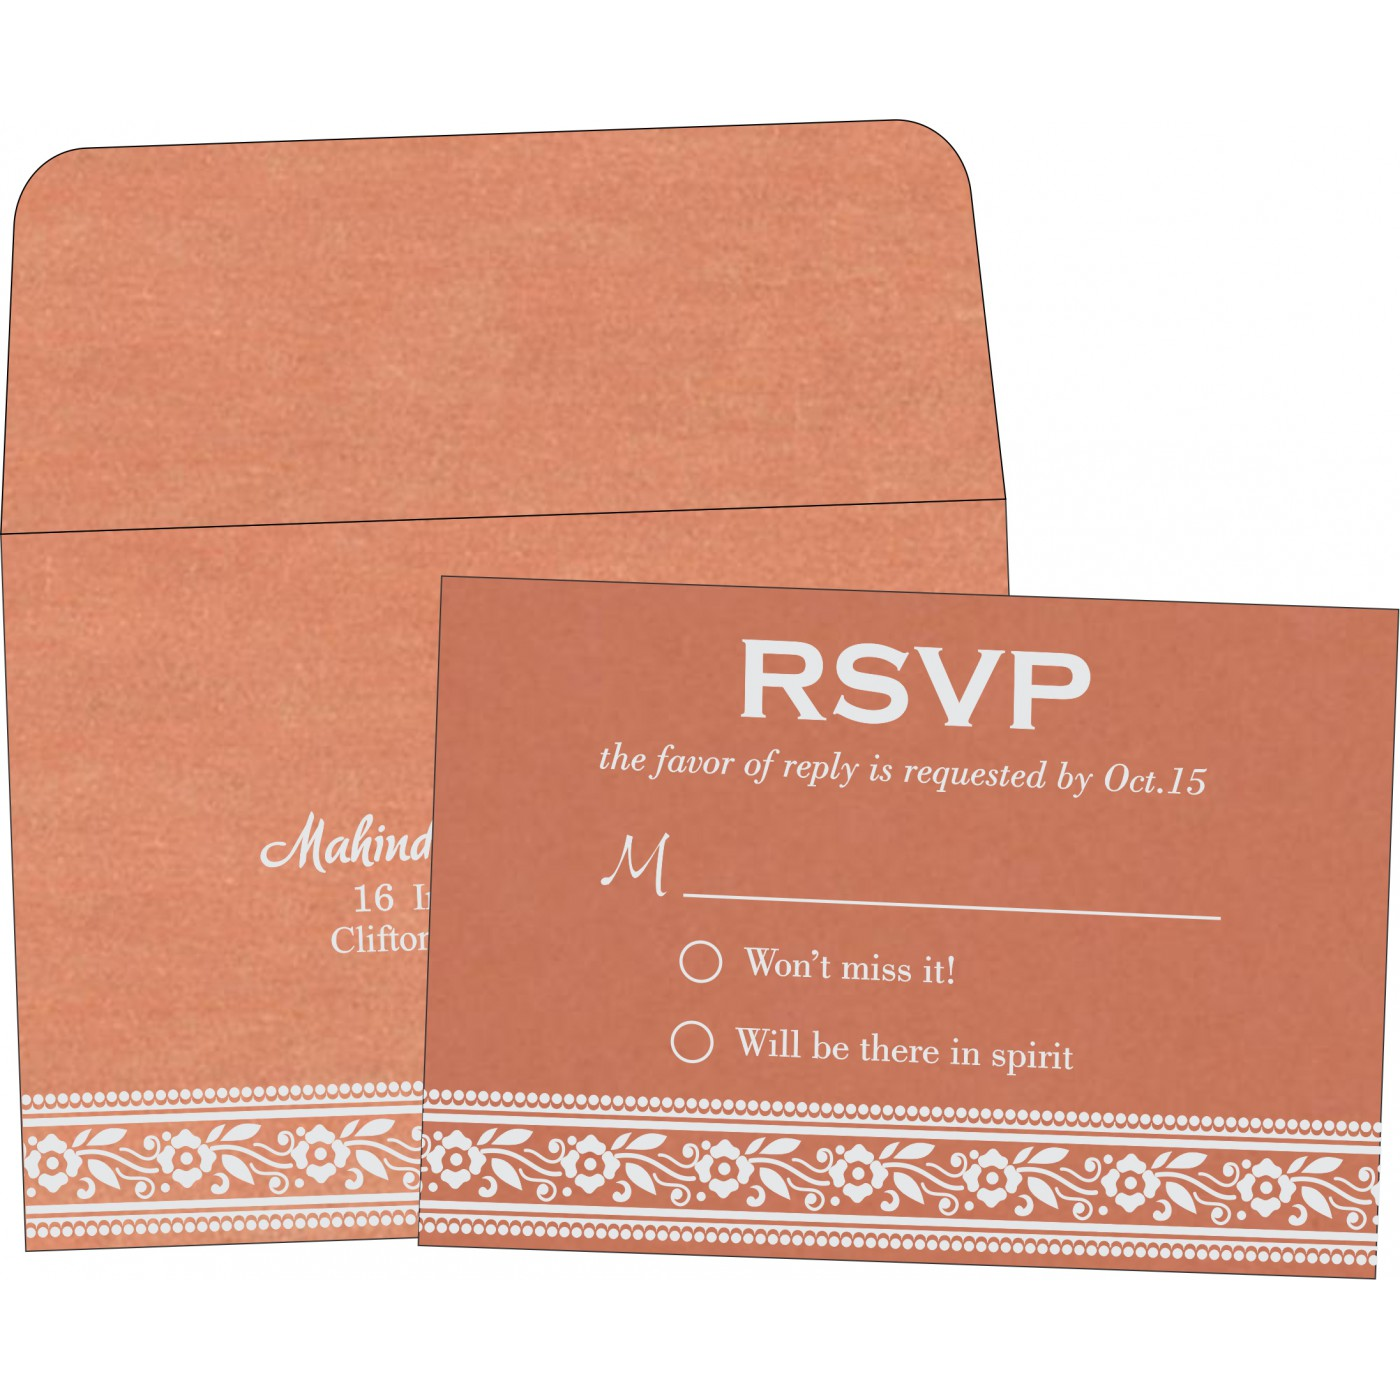 RSVP Cards - RSVP-8220H